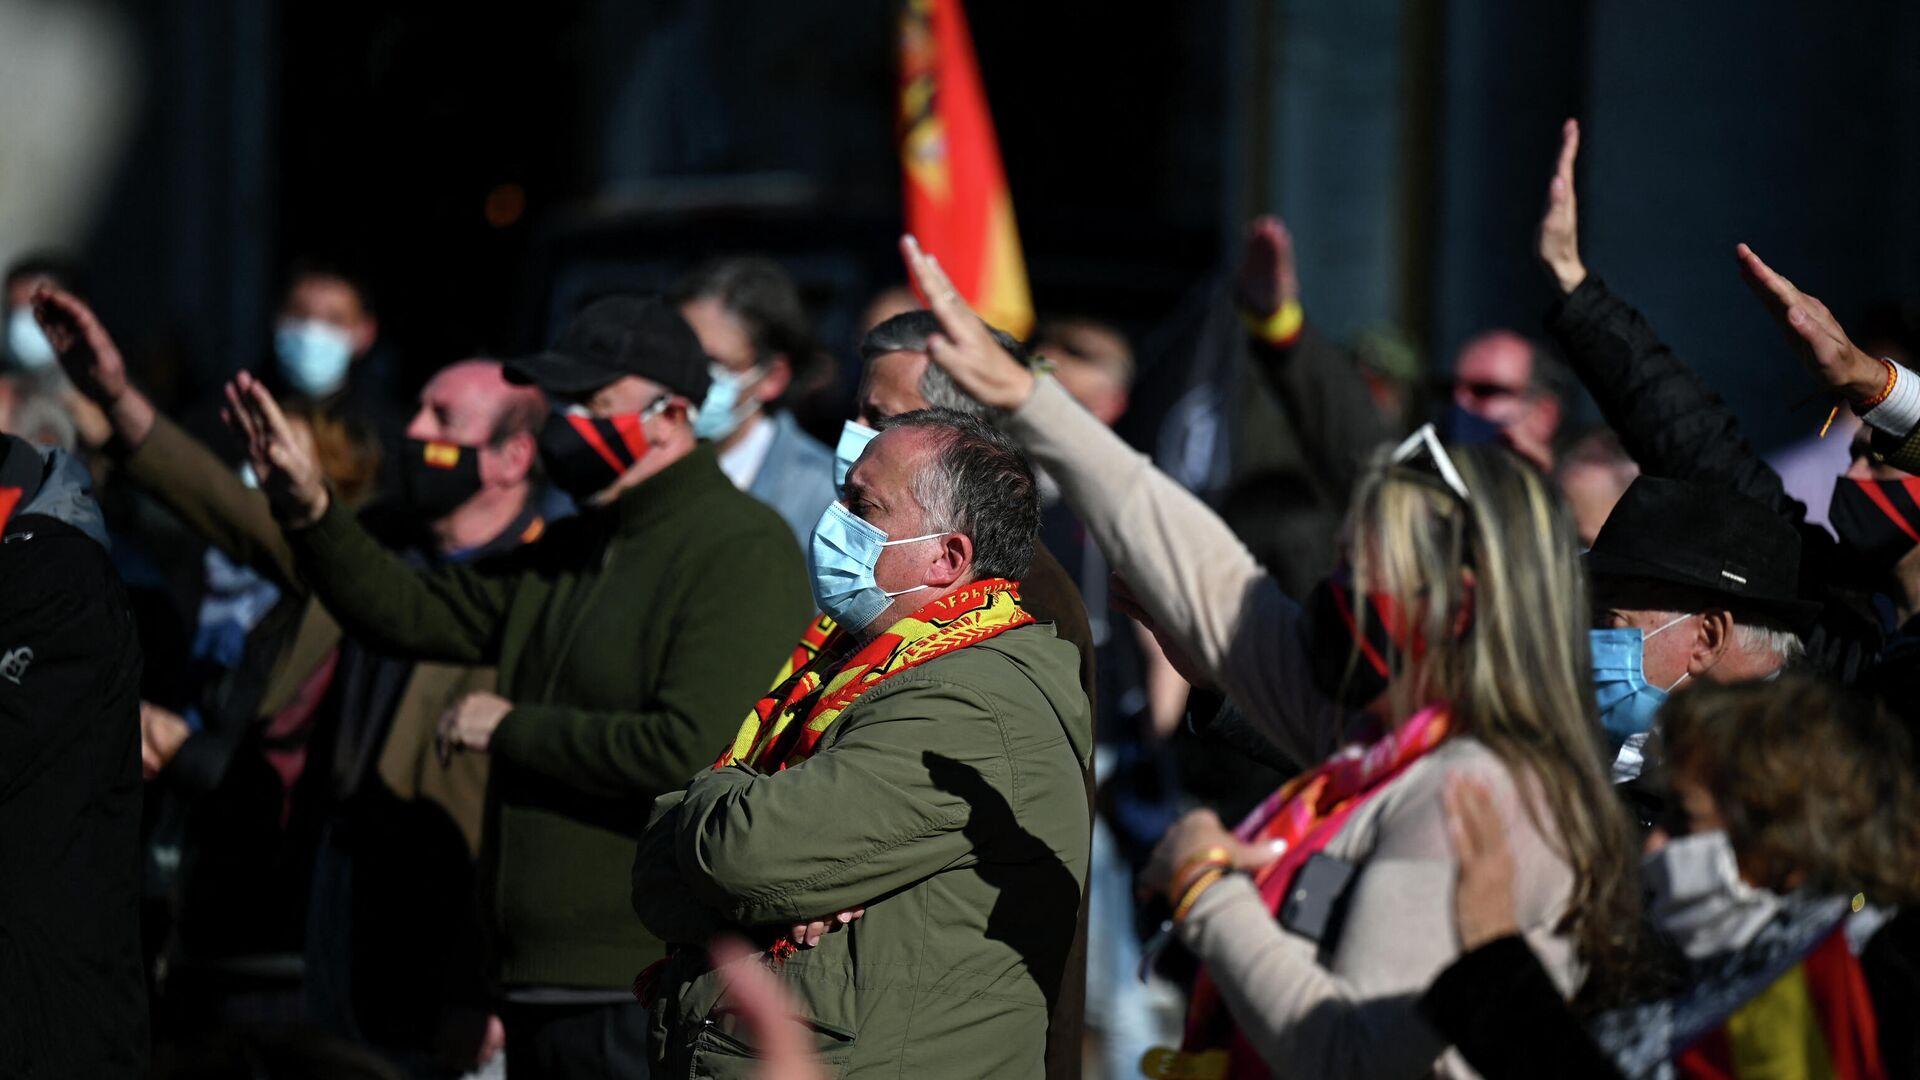 Simpatizantes de Francisco Franco realizan un homenaje por el 45 aniversario de la muerte del dictador  - Sputnik Mundo, 1920, 11.03.2021